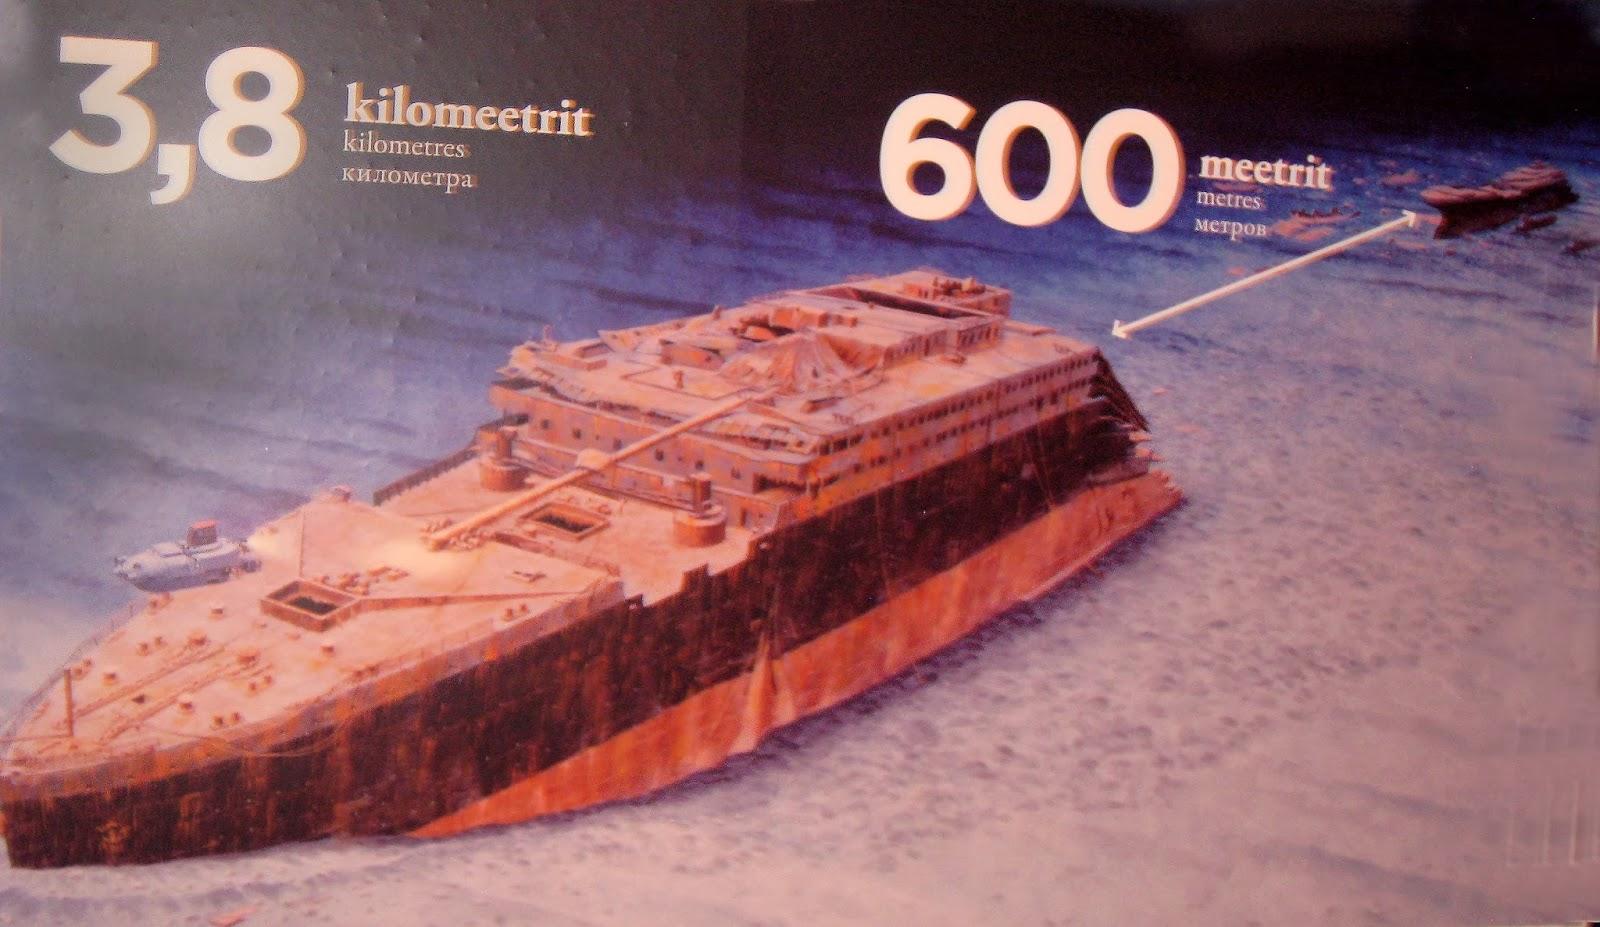 Выставка в Таллинне.Титаник.Истории, находки, легенды